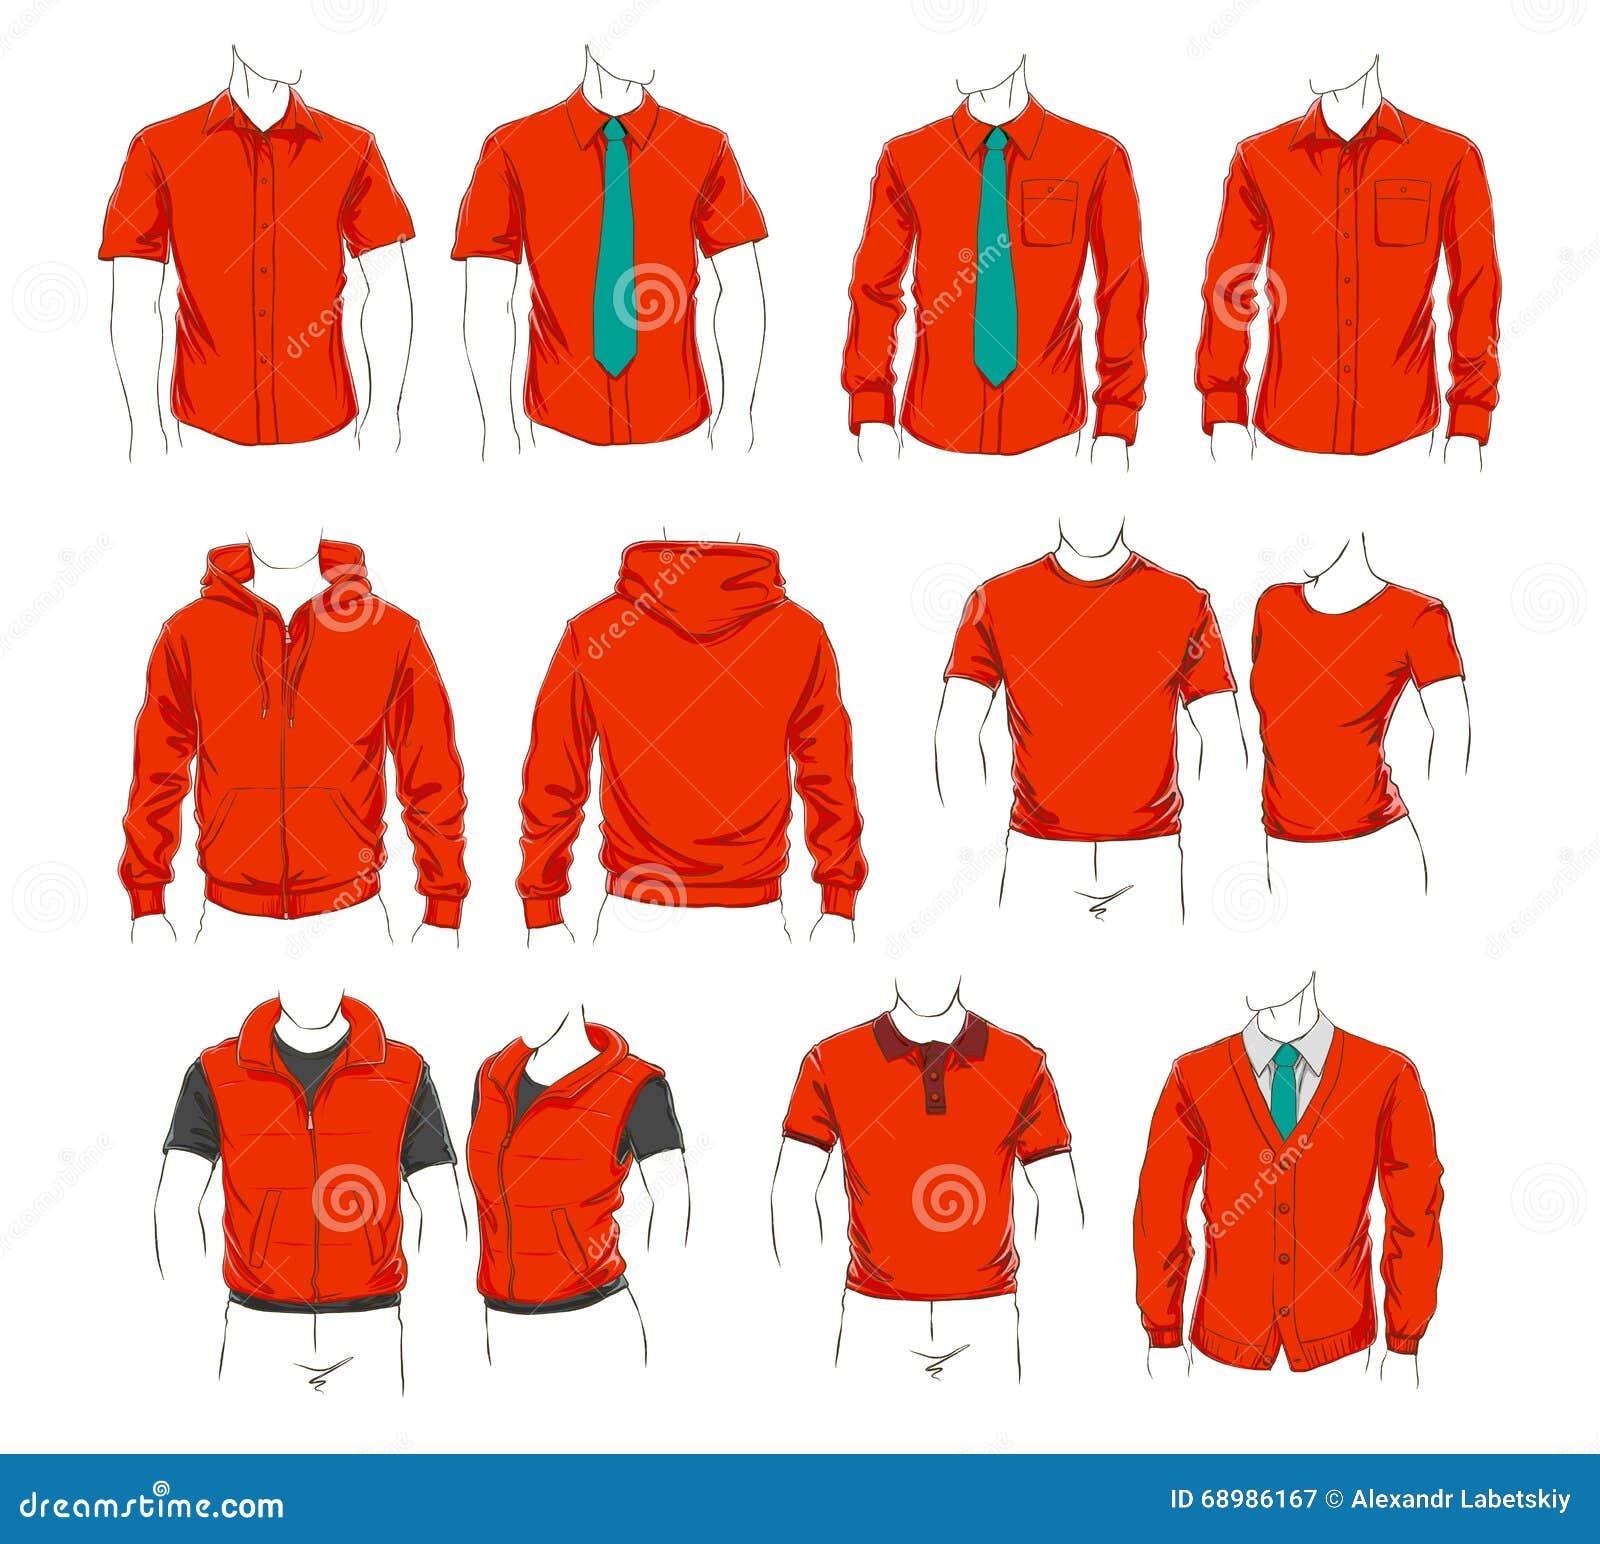 Vector set of clothes